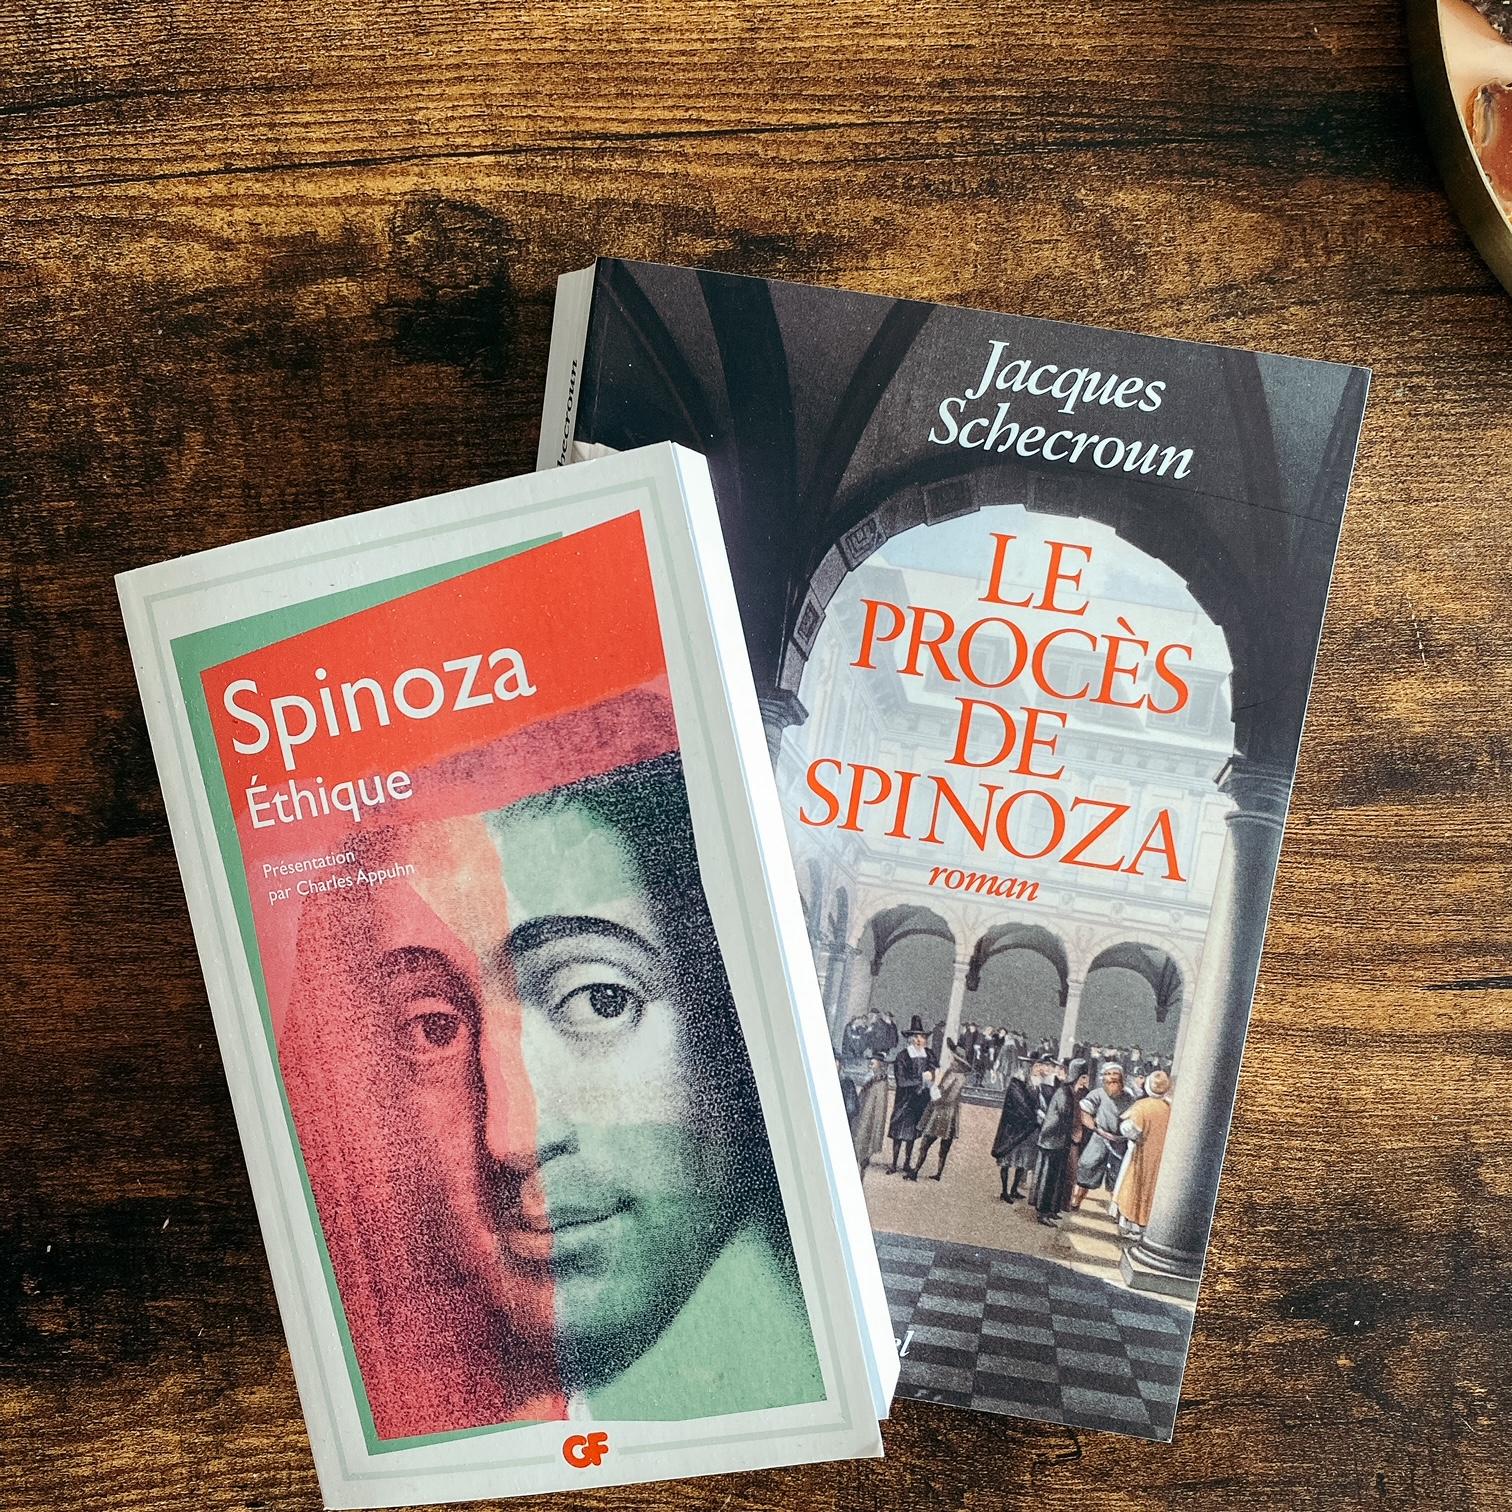 Le Procès de Spinoza, de Jacques Schecroun : un esprit libre